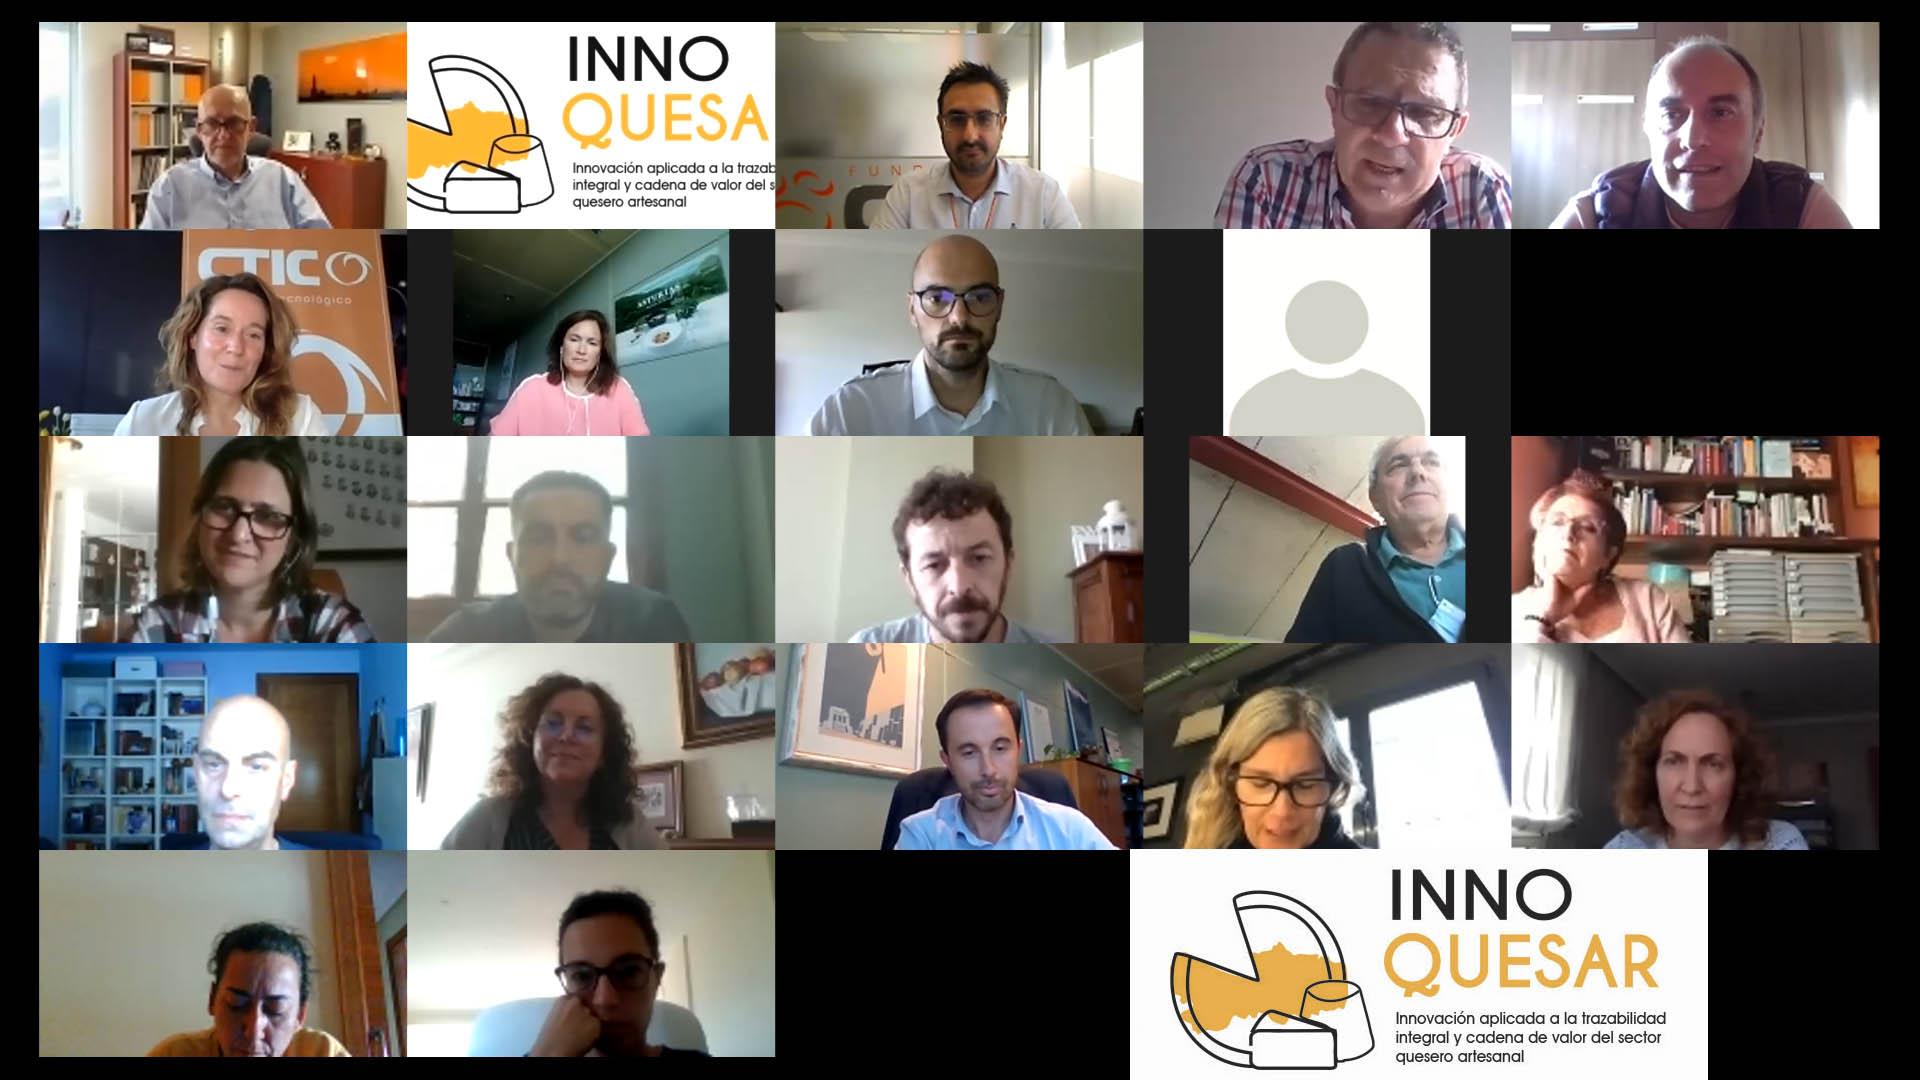 Innoquesar, una app que dará un impulso al sector de los quesos artesanales de Asturias